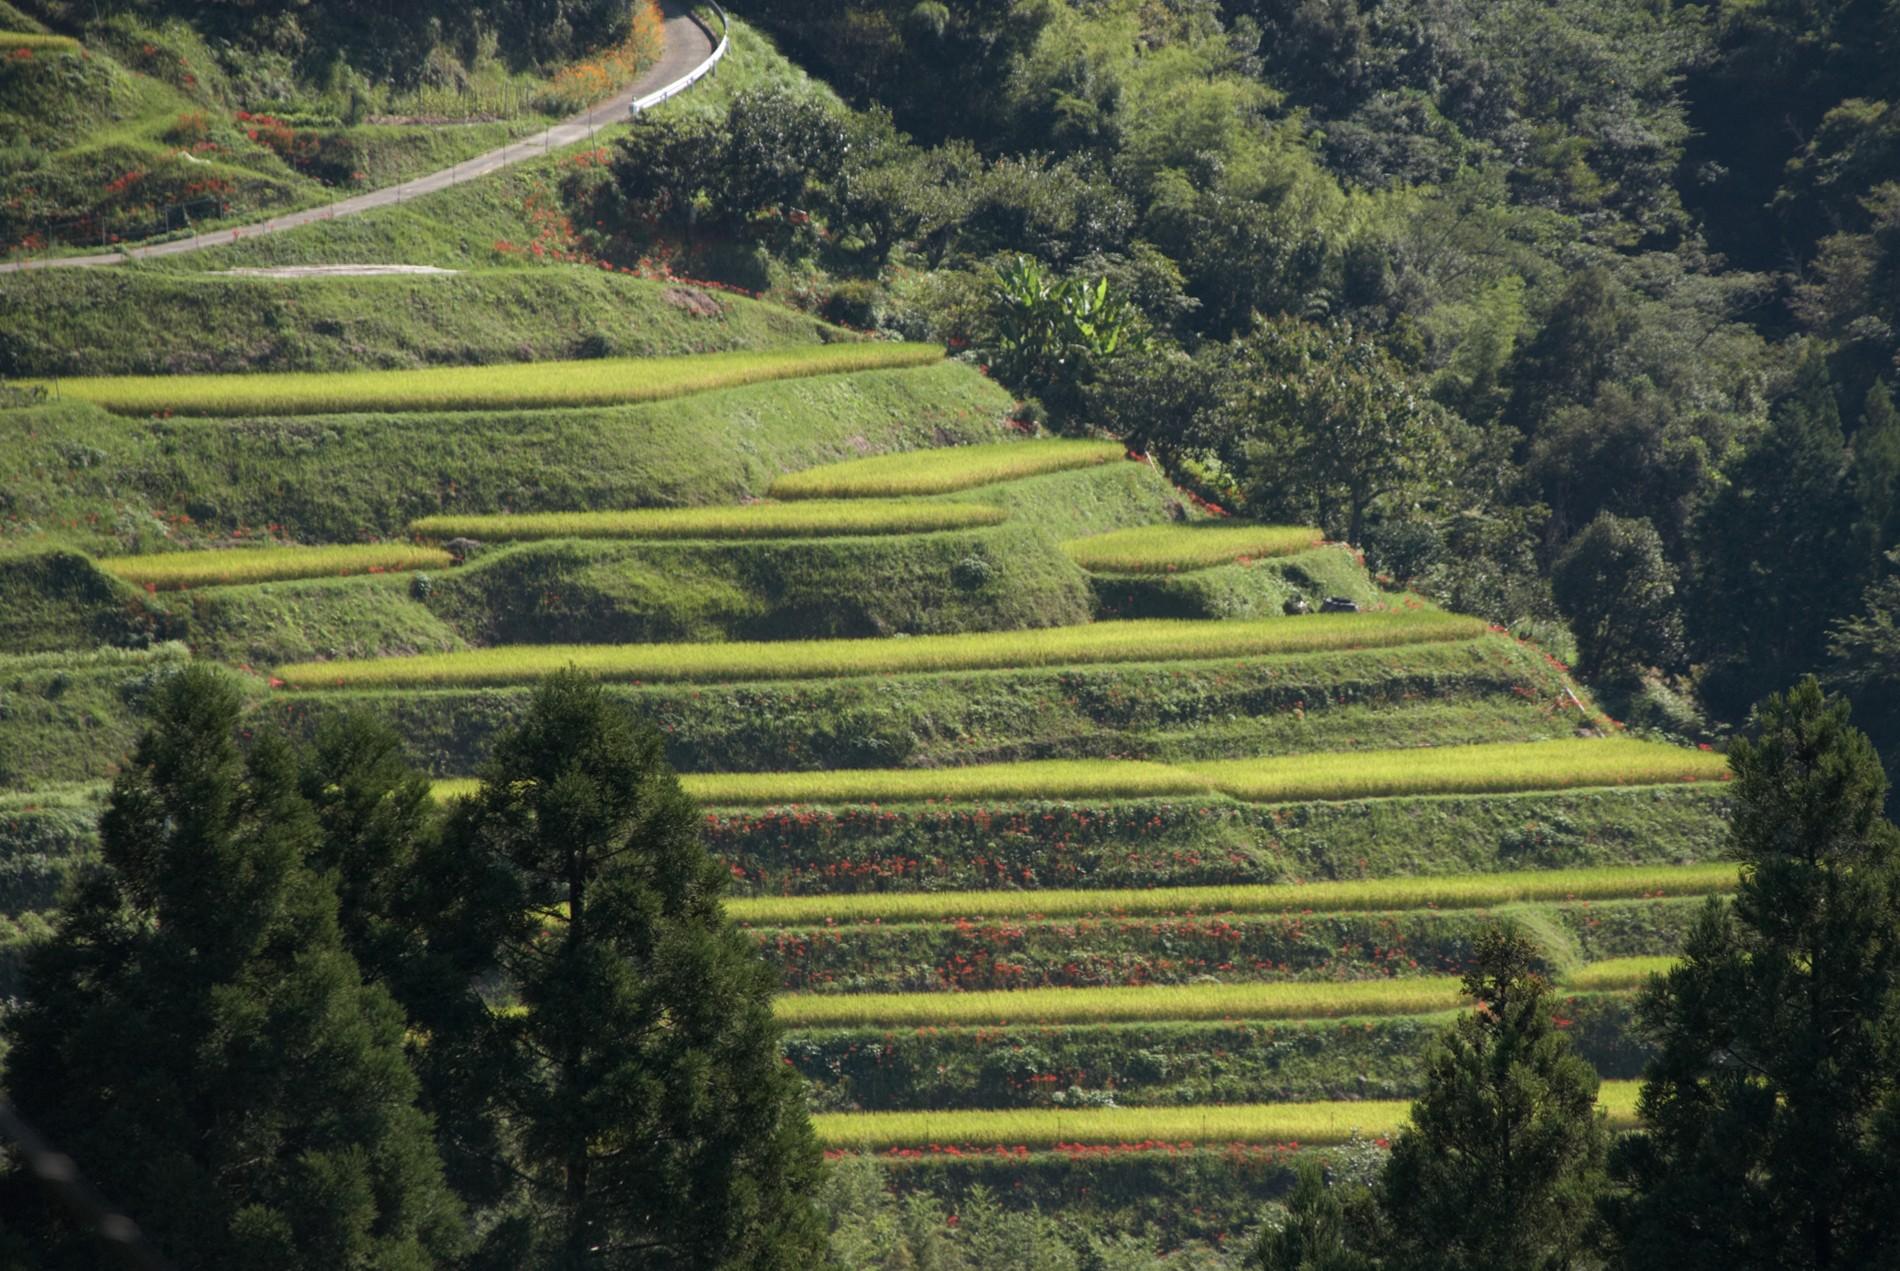 熊本県|人吉市|大和一酒造元|球磨焼酎|米焼酎|焼酎|人吉盆地|棚田|